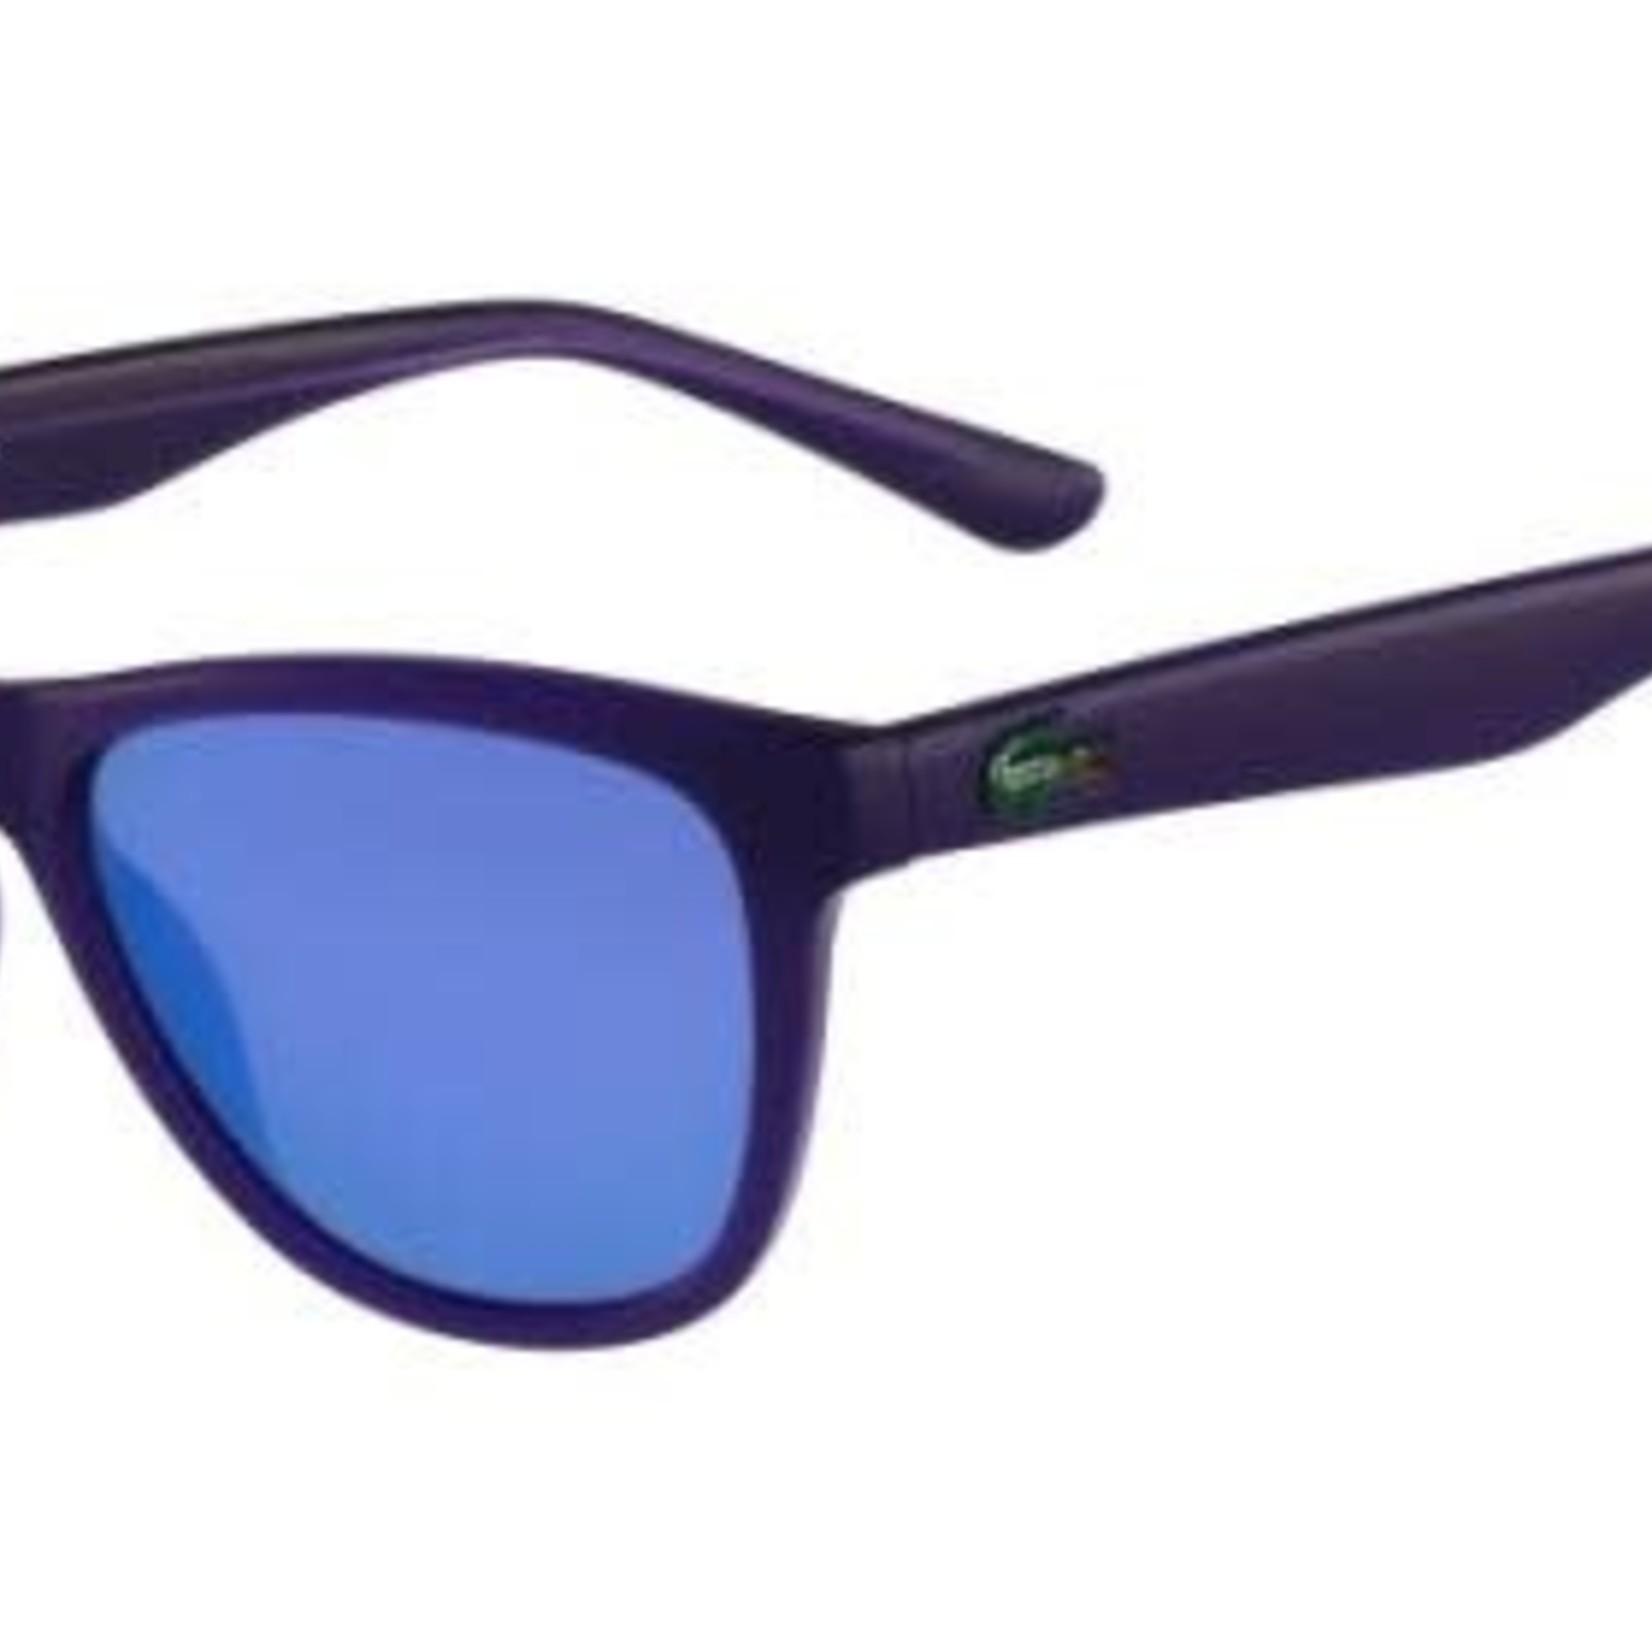 Lacoste Kids Sunglasses L3615S Violet